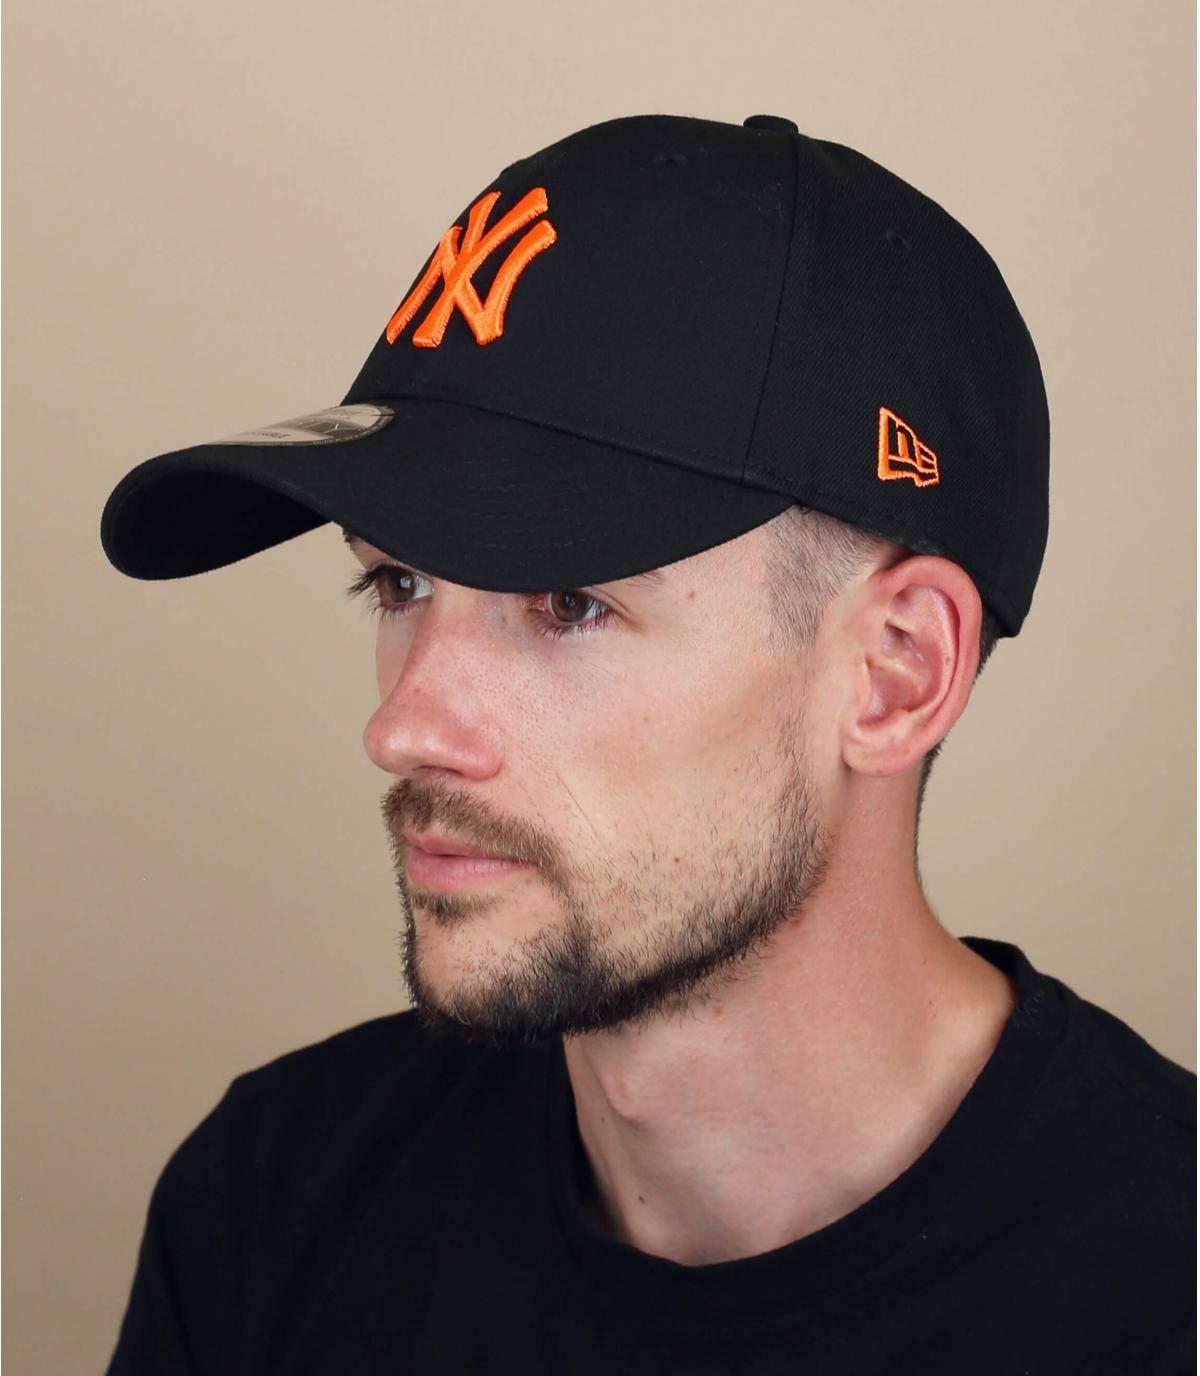 Gorra NY negro naranja